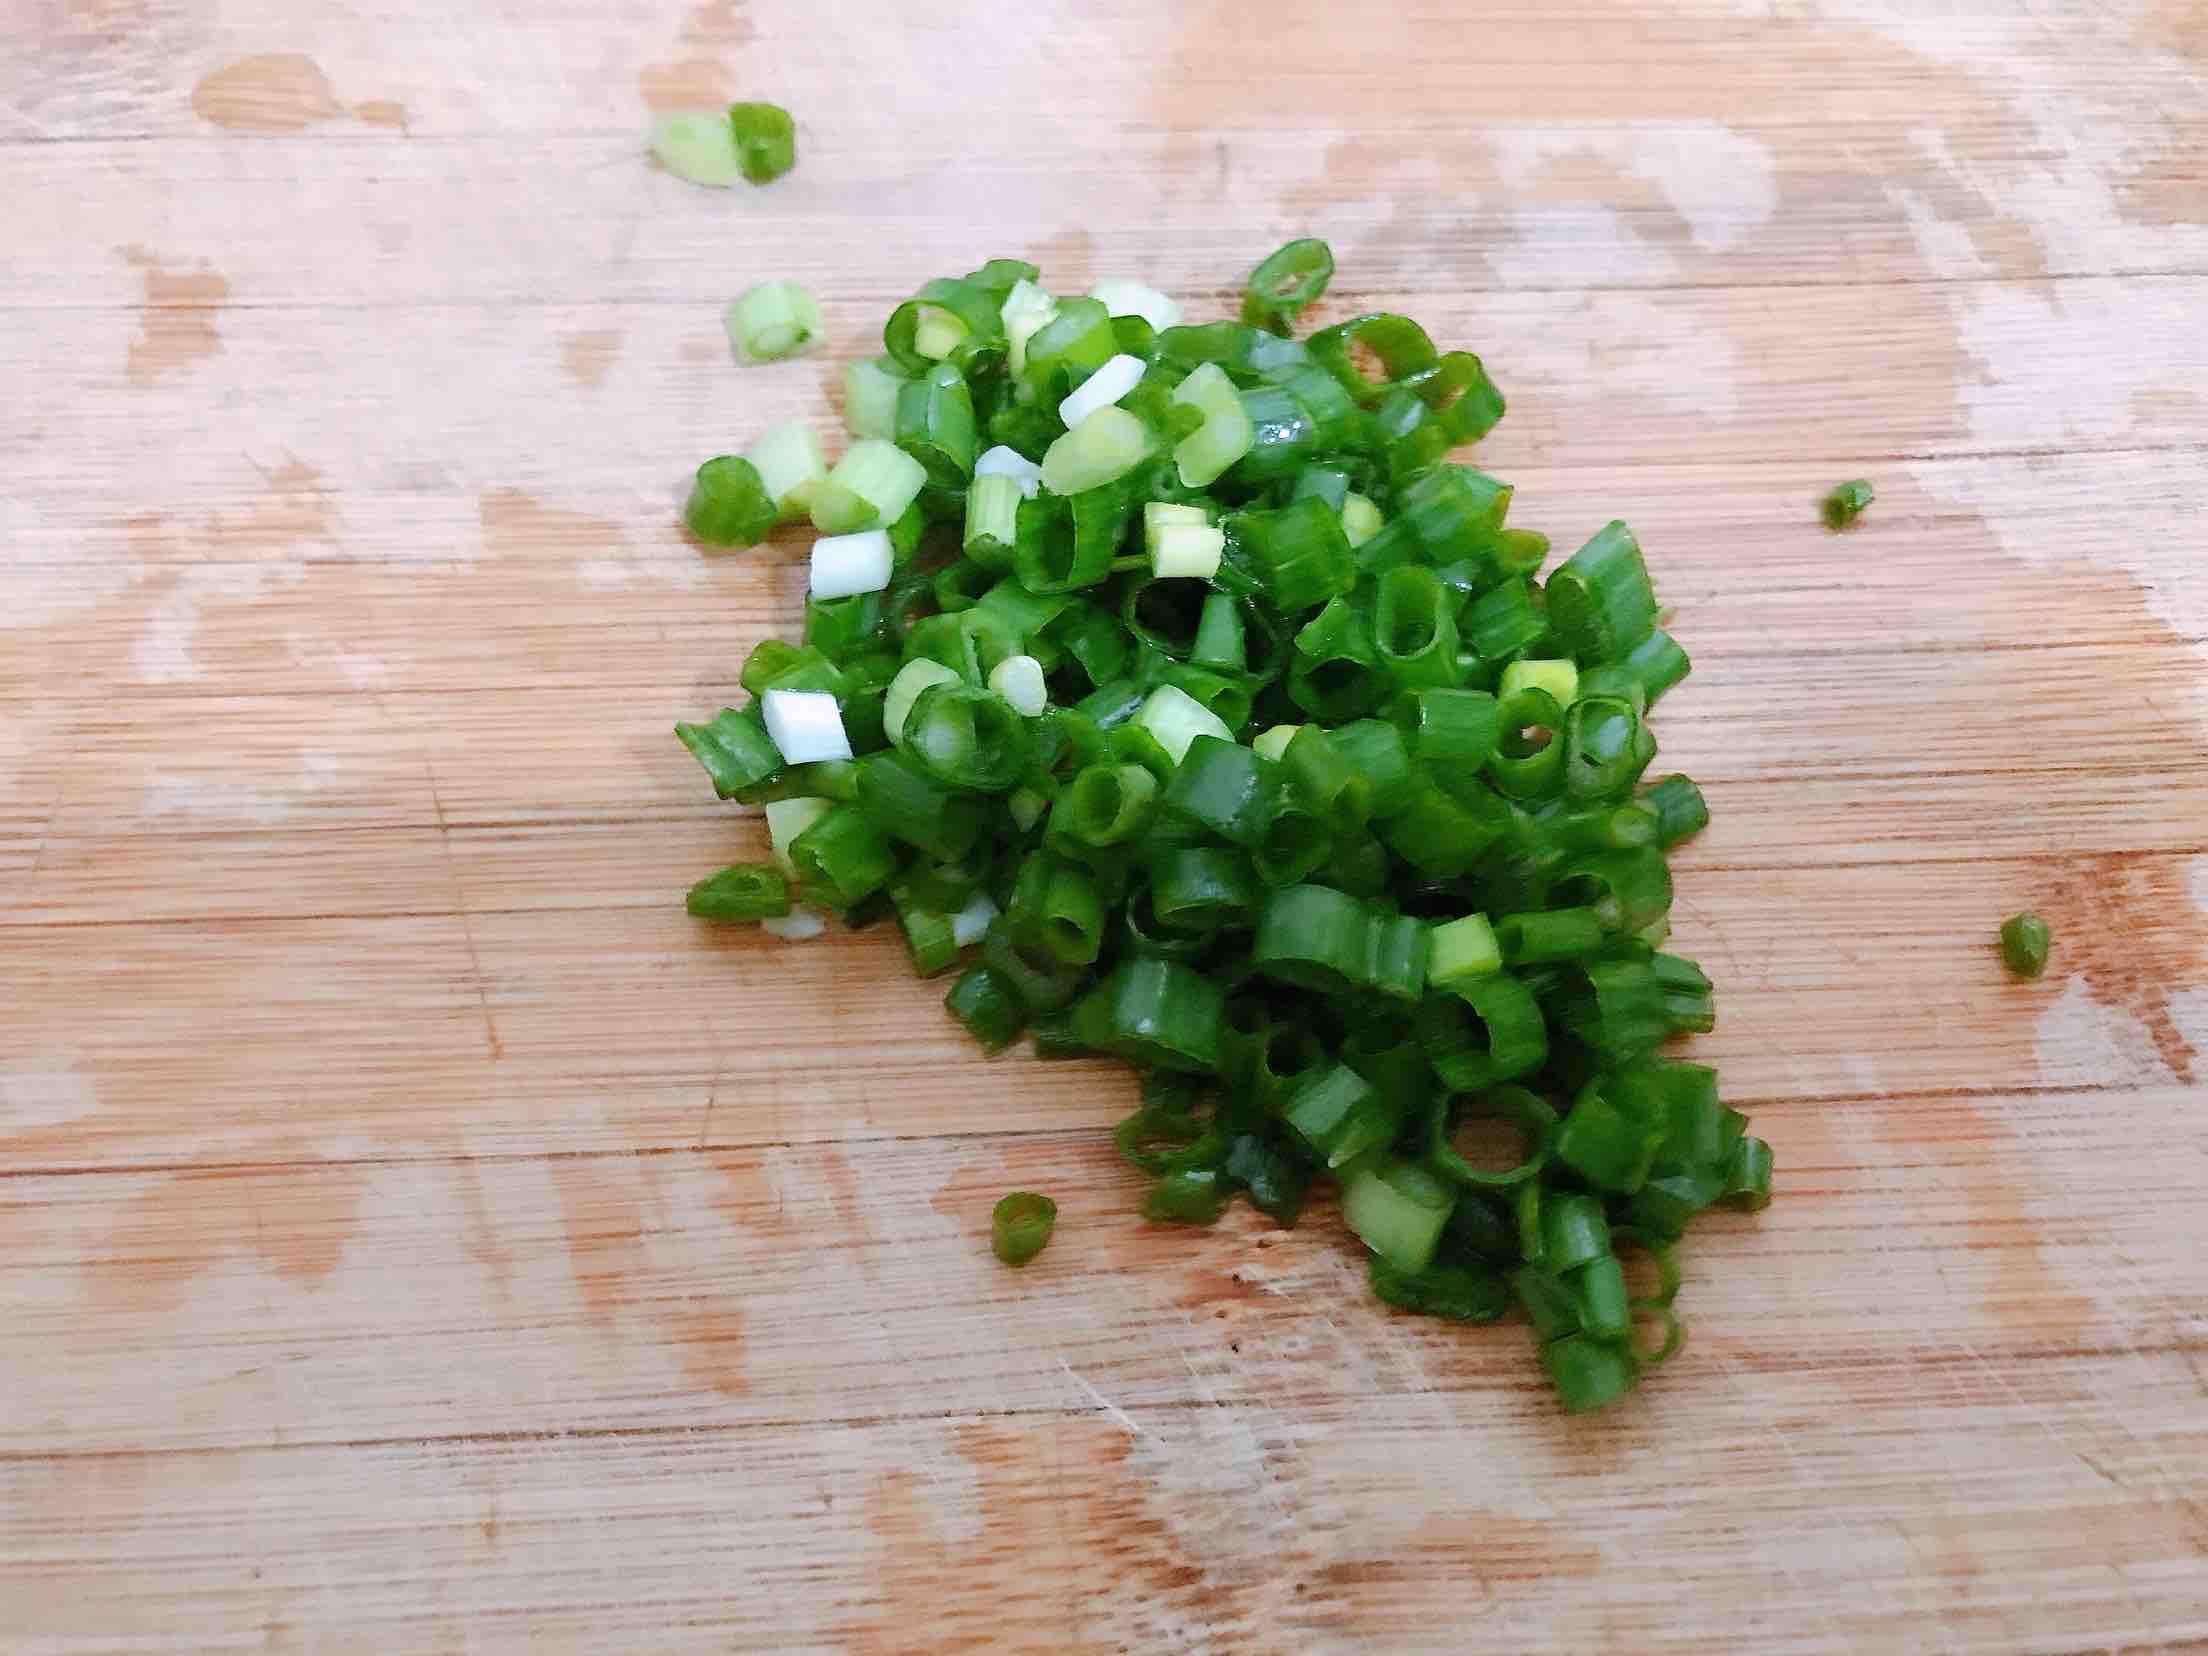 花生酱青菜糙米炒饭的做法大全